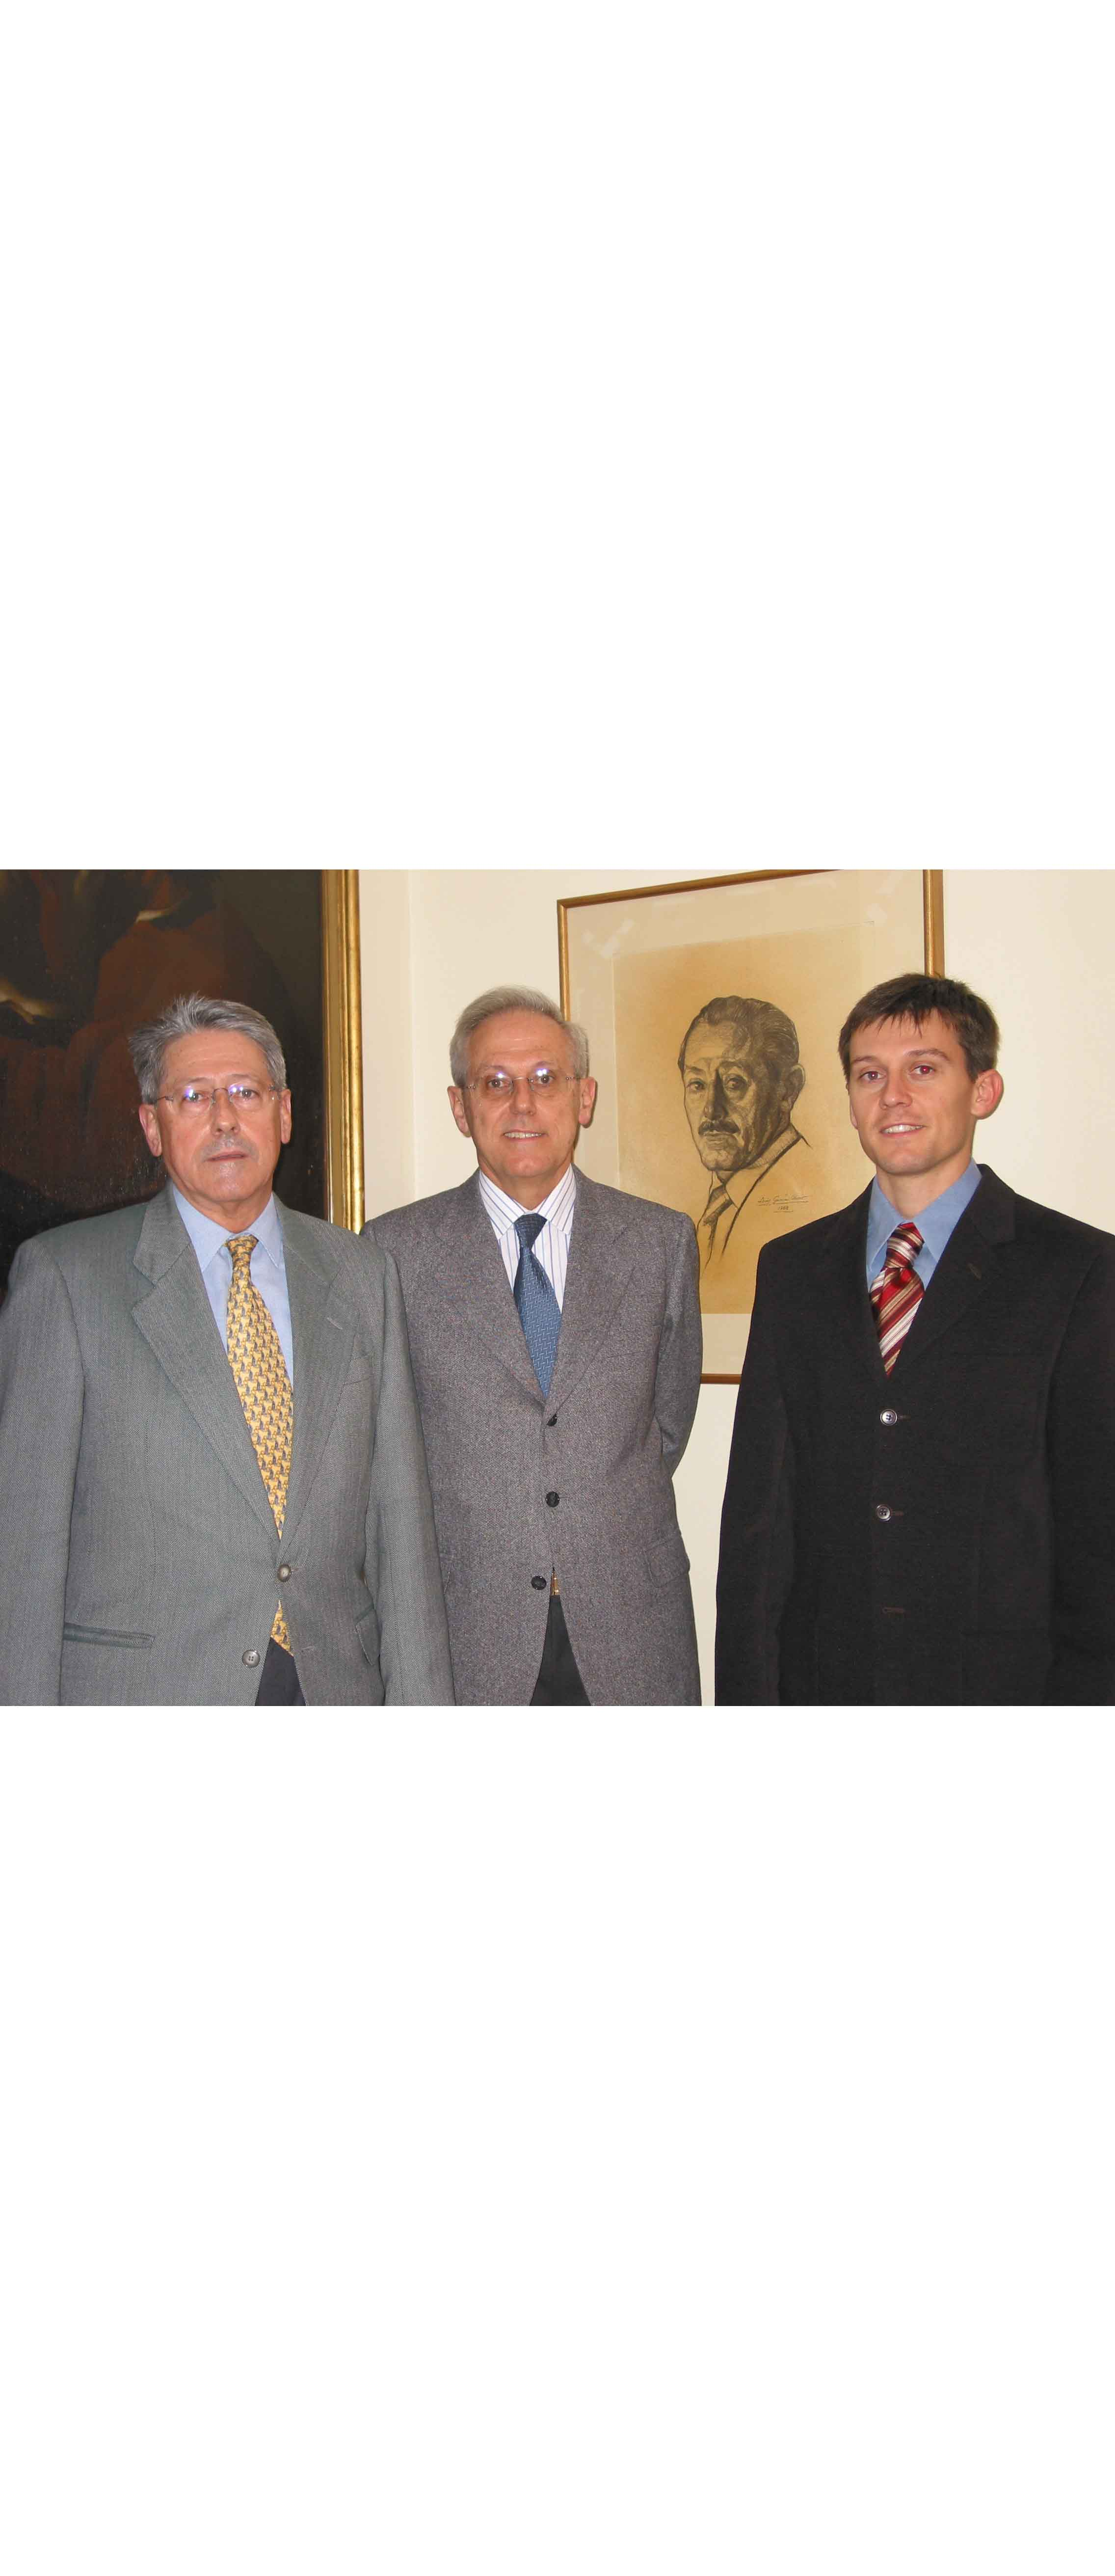 Dr. Jordi Sentís Bonet et alia